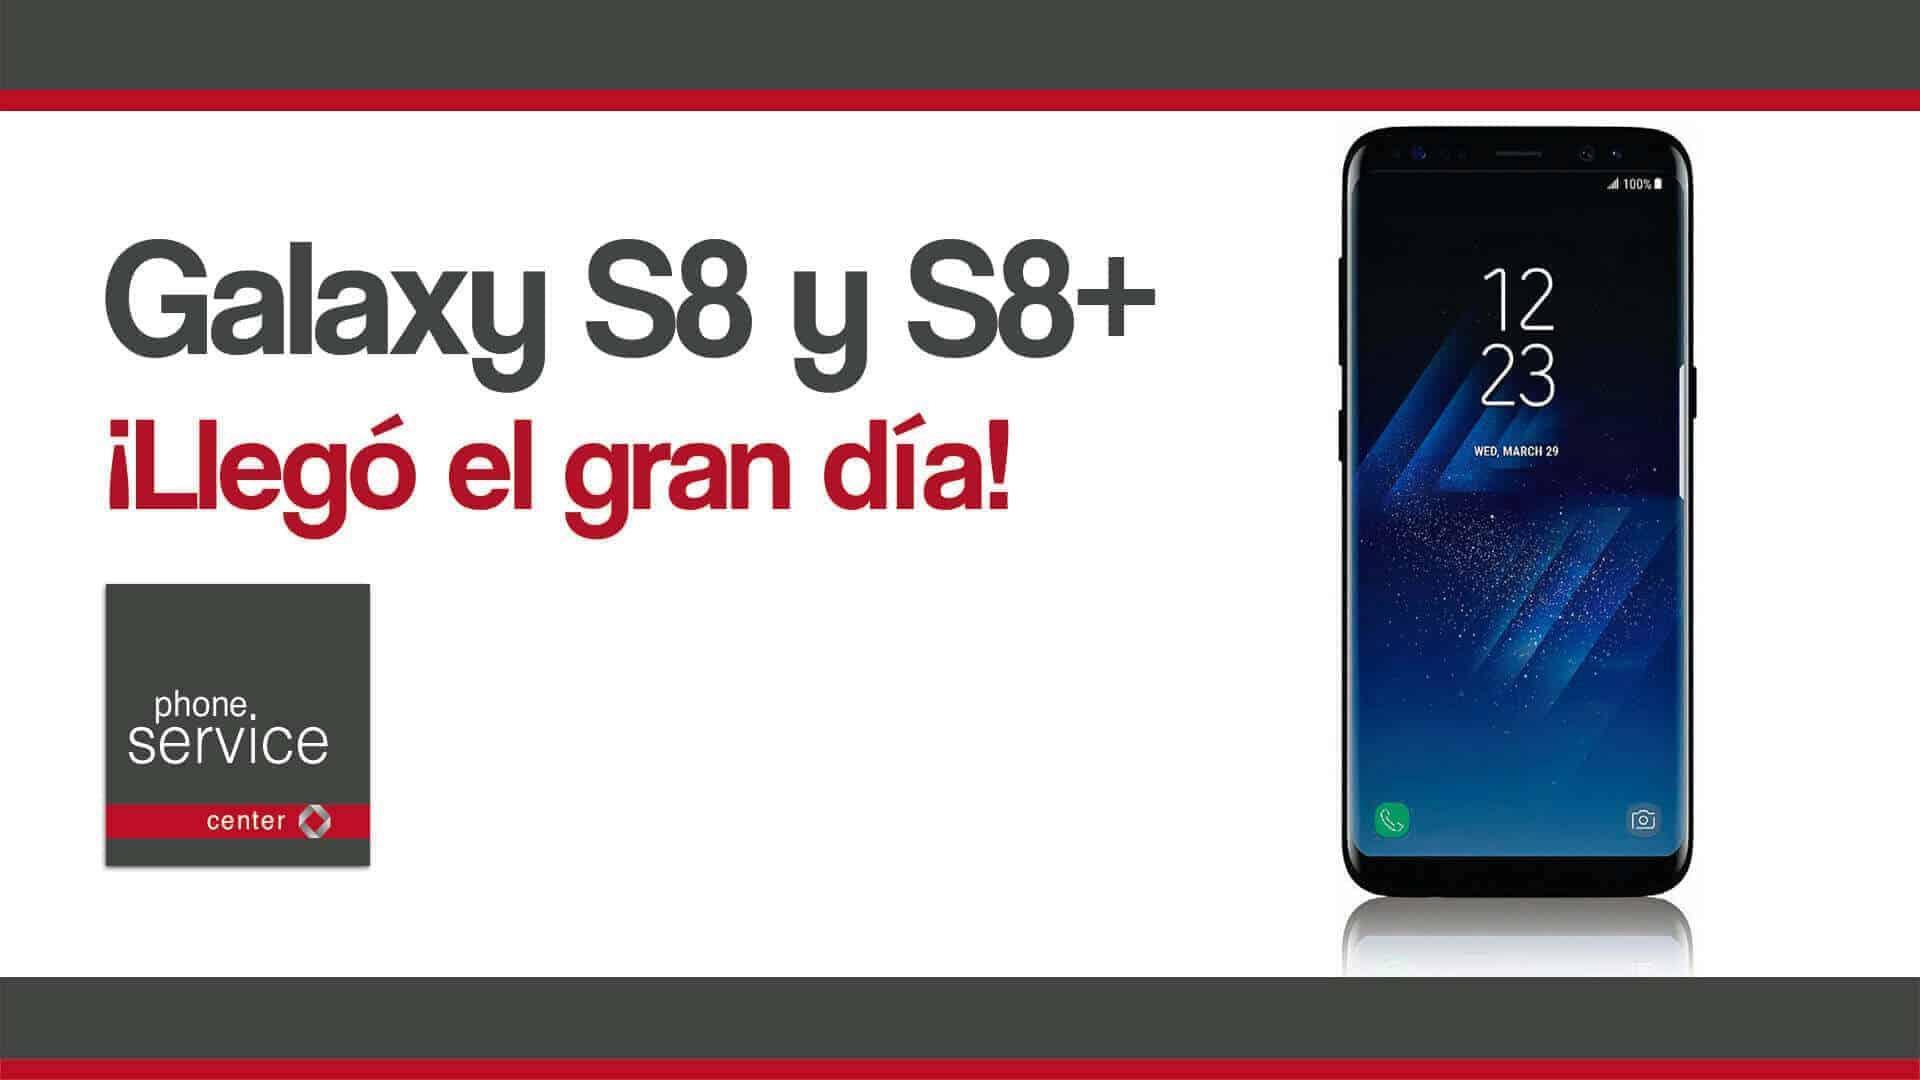 Galaxy S8 y S8+ llego el gran dia